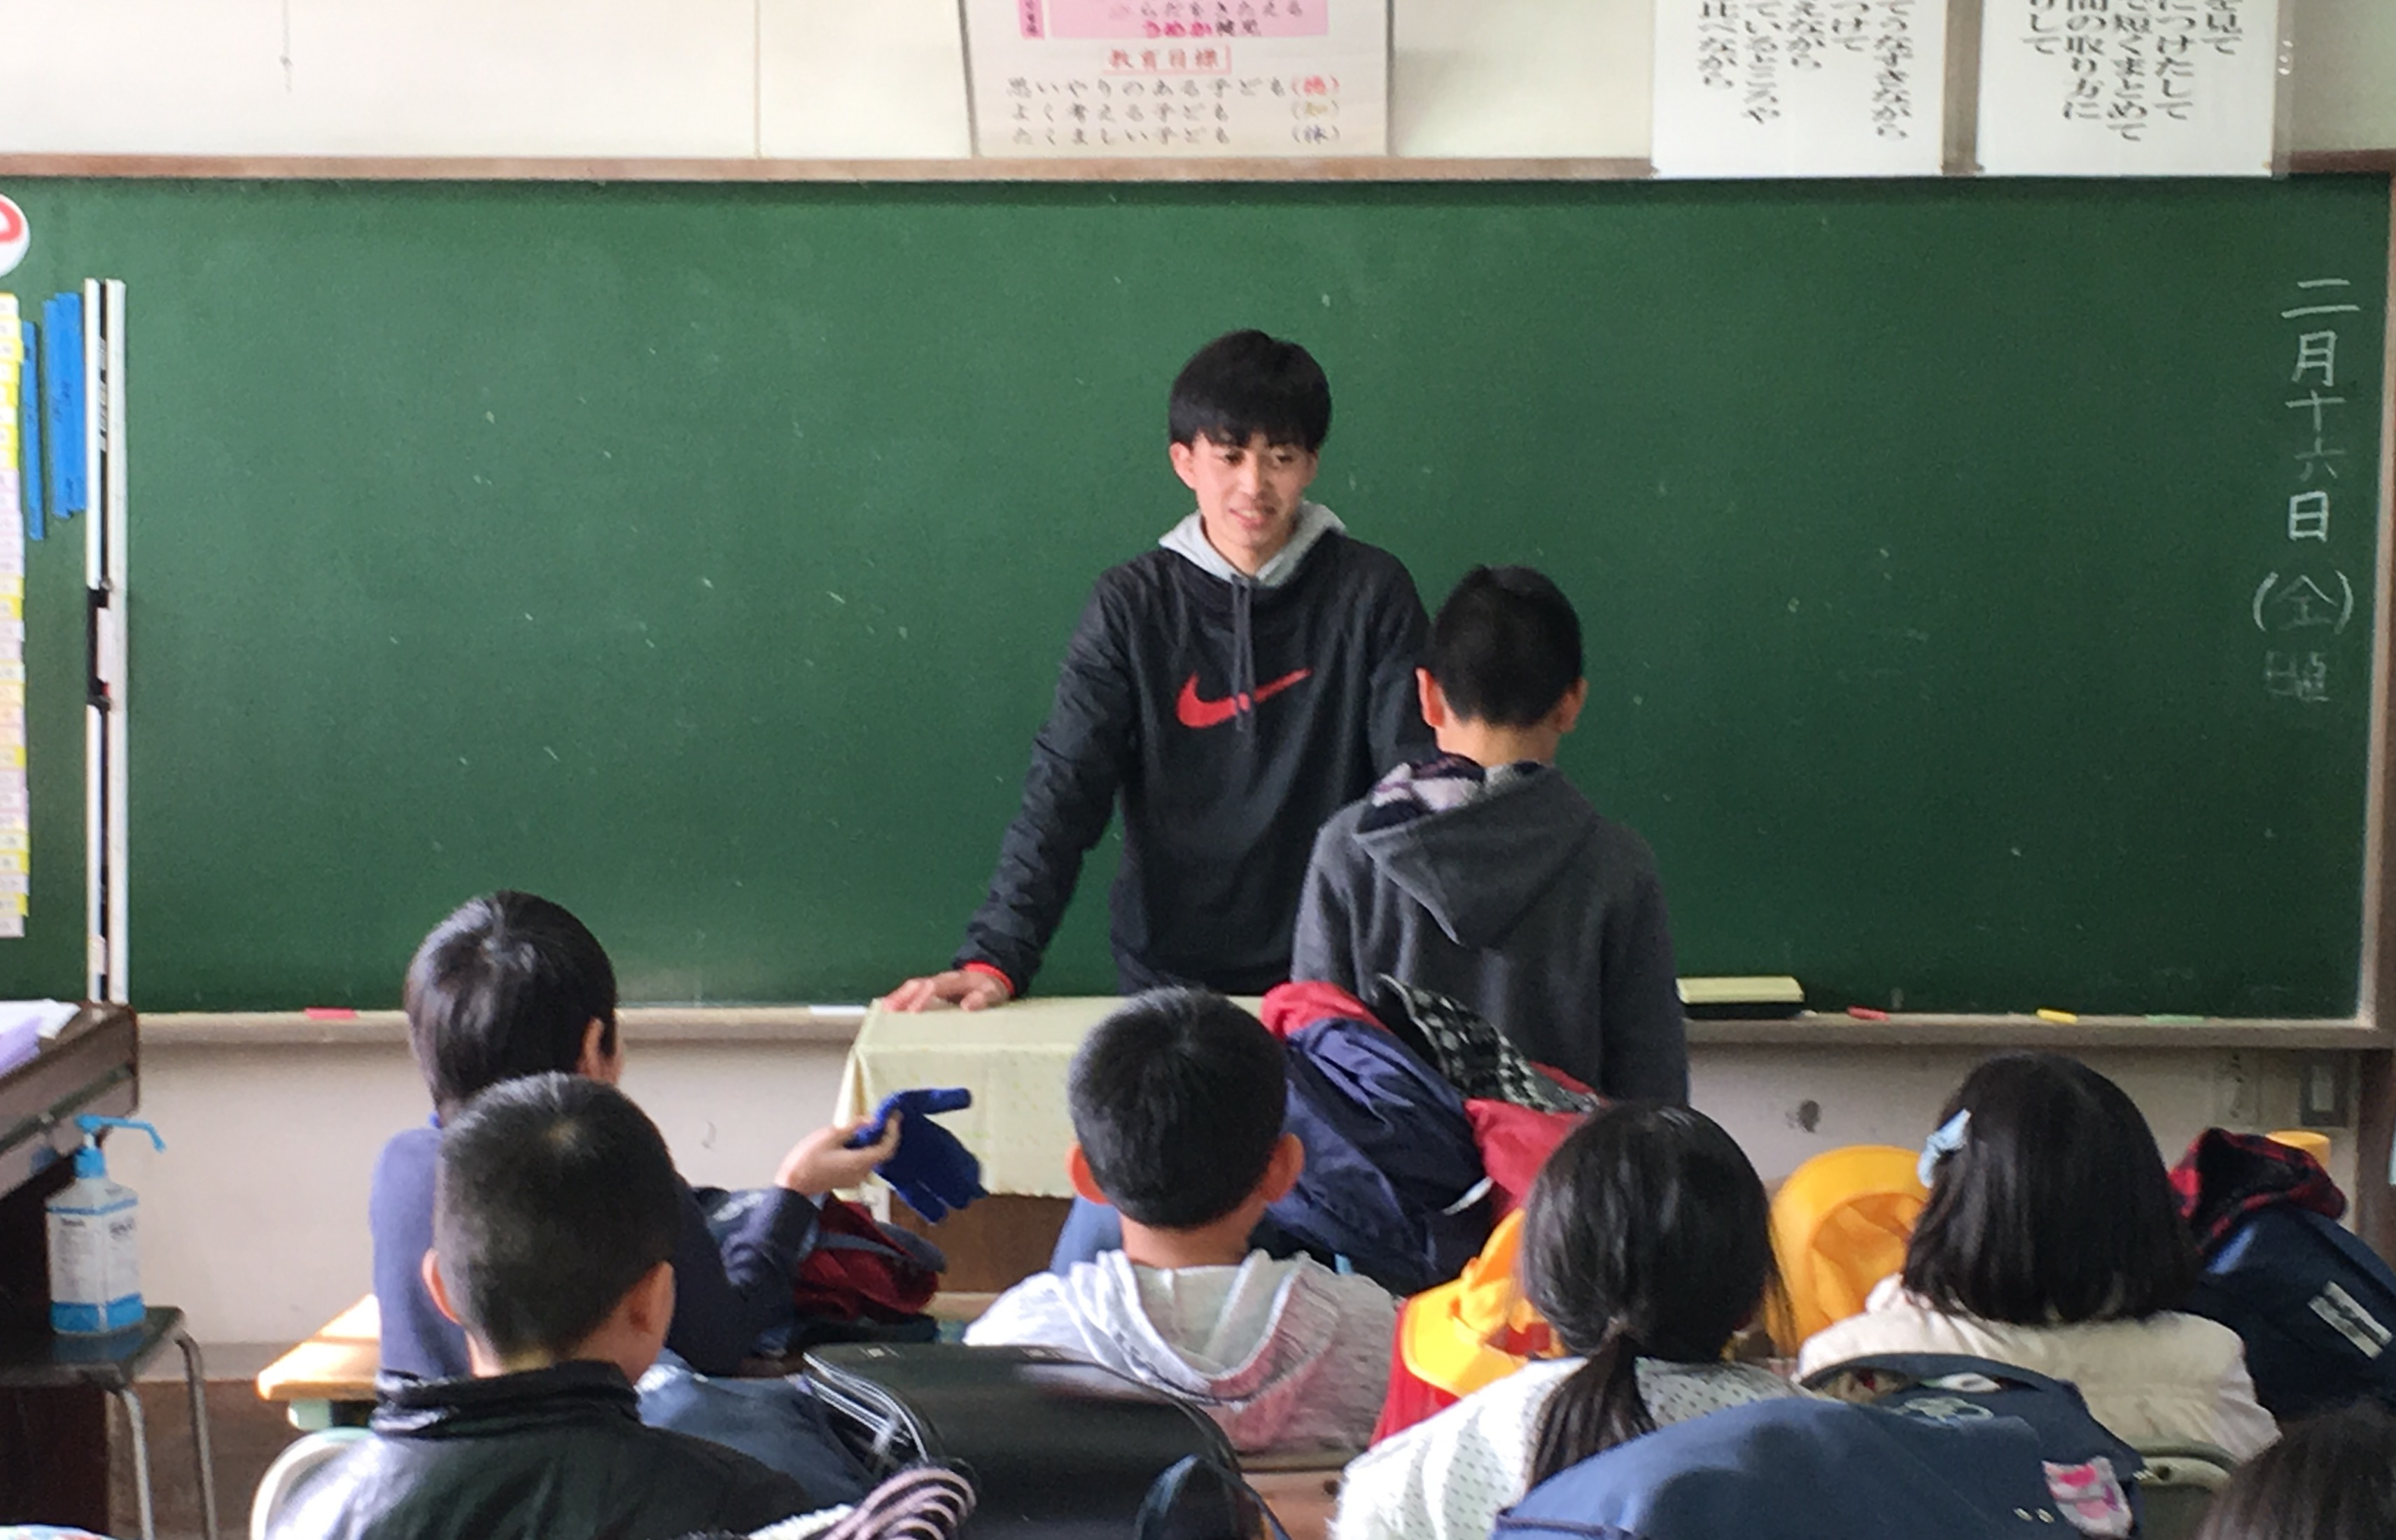 長島圭亮さんの写真